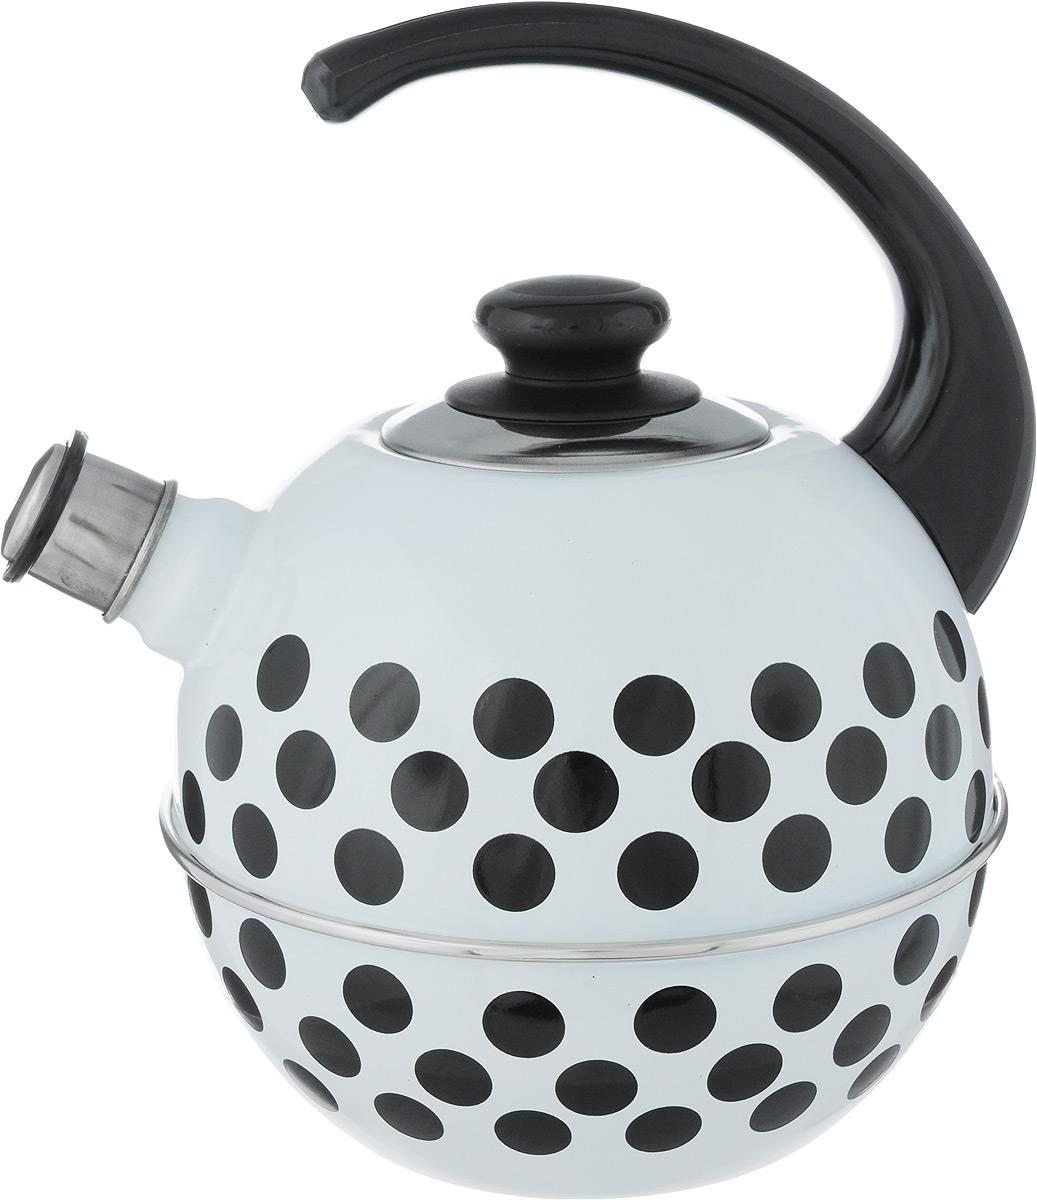 Чайник эмалированный Рубин Горох, со свистком, цвет: белый, черный, 3,5 лVT-1520(SR)Чайник Рубин Горох выполнен из высококачественного стального проката, что обеспечивает долговечность использования. Внешнее трехслойное эмалевое покрытие Mefrit не вступает во взаимодействие с пищевыми продуктами. Такое покрытие защищает сталь от коррозии, придает посуде гладкую стекловидную поверхность и надежно защищает от кислот и щелочей. Чайник оснащен фиксированной ручкой из пластика и крышкой, которая плотно прилегает к краю. Носик чайника оснащен съемным свистком, звуковой сигнал которого подскажет, когда закипит вода. Можно мыть в посудомоечной машине. Пригоден для всех видов плит, включая индукционные. Высота чайника (с учетом ручки): 28 см.Высота чайника (без учета крышки и ручки): 18 см.Диаметр по верхнему краю: 8,7 см.